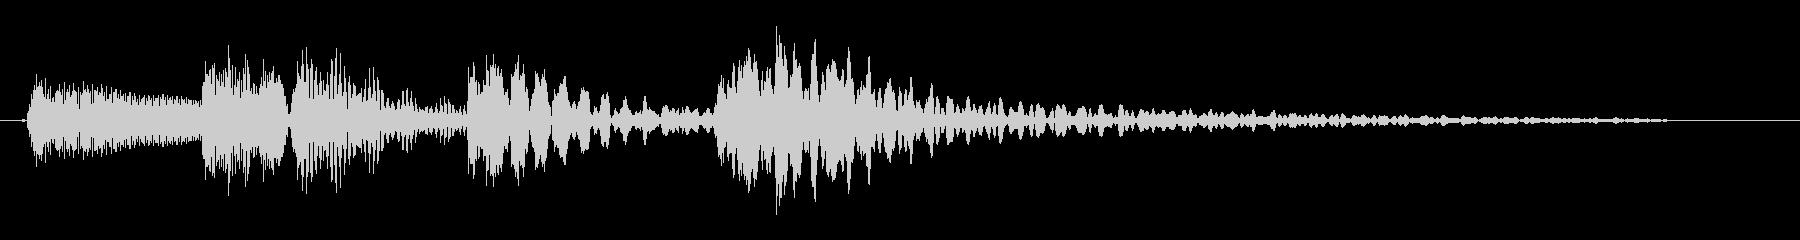 コロンクラン(コミカル)アップの未再生の波形